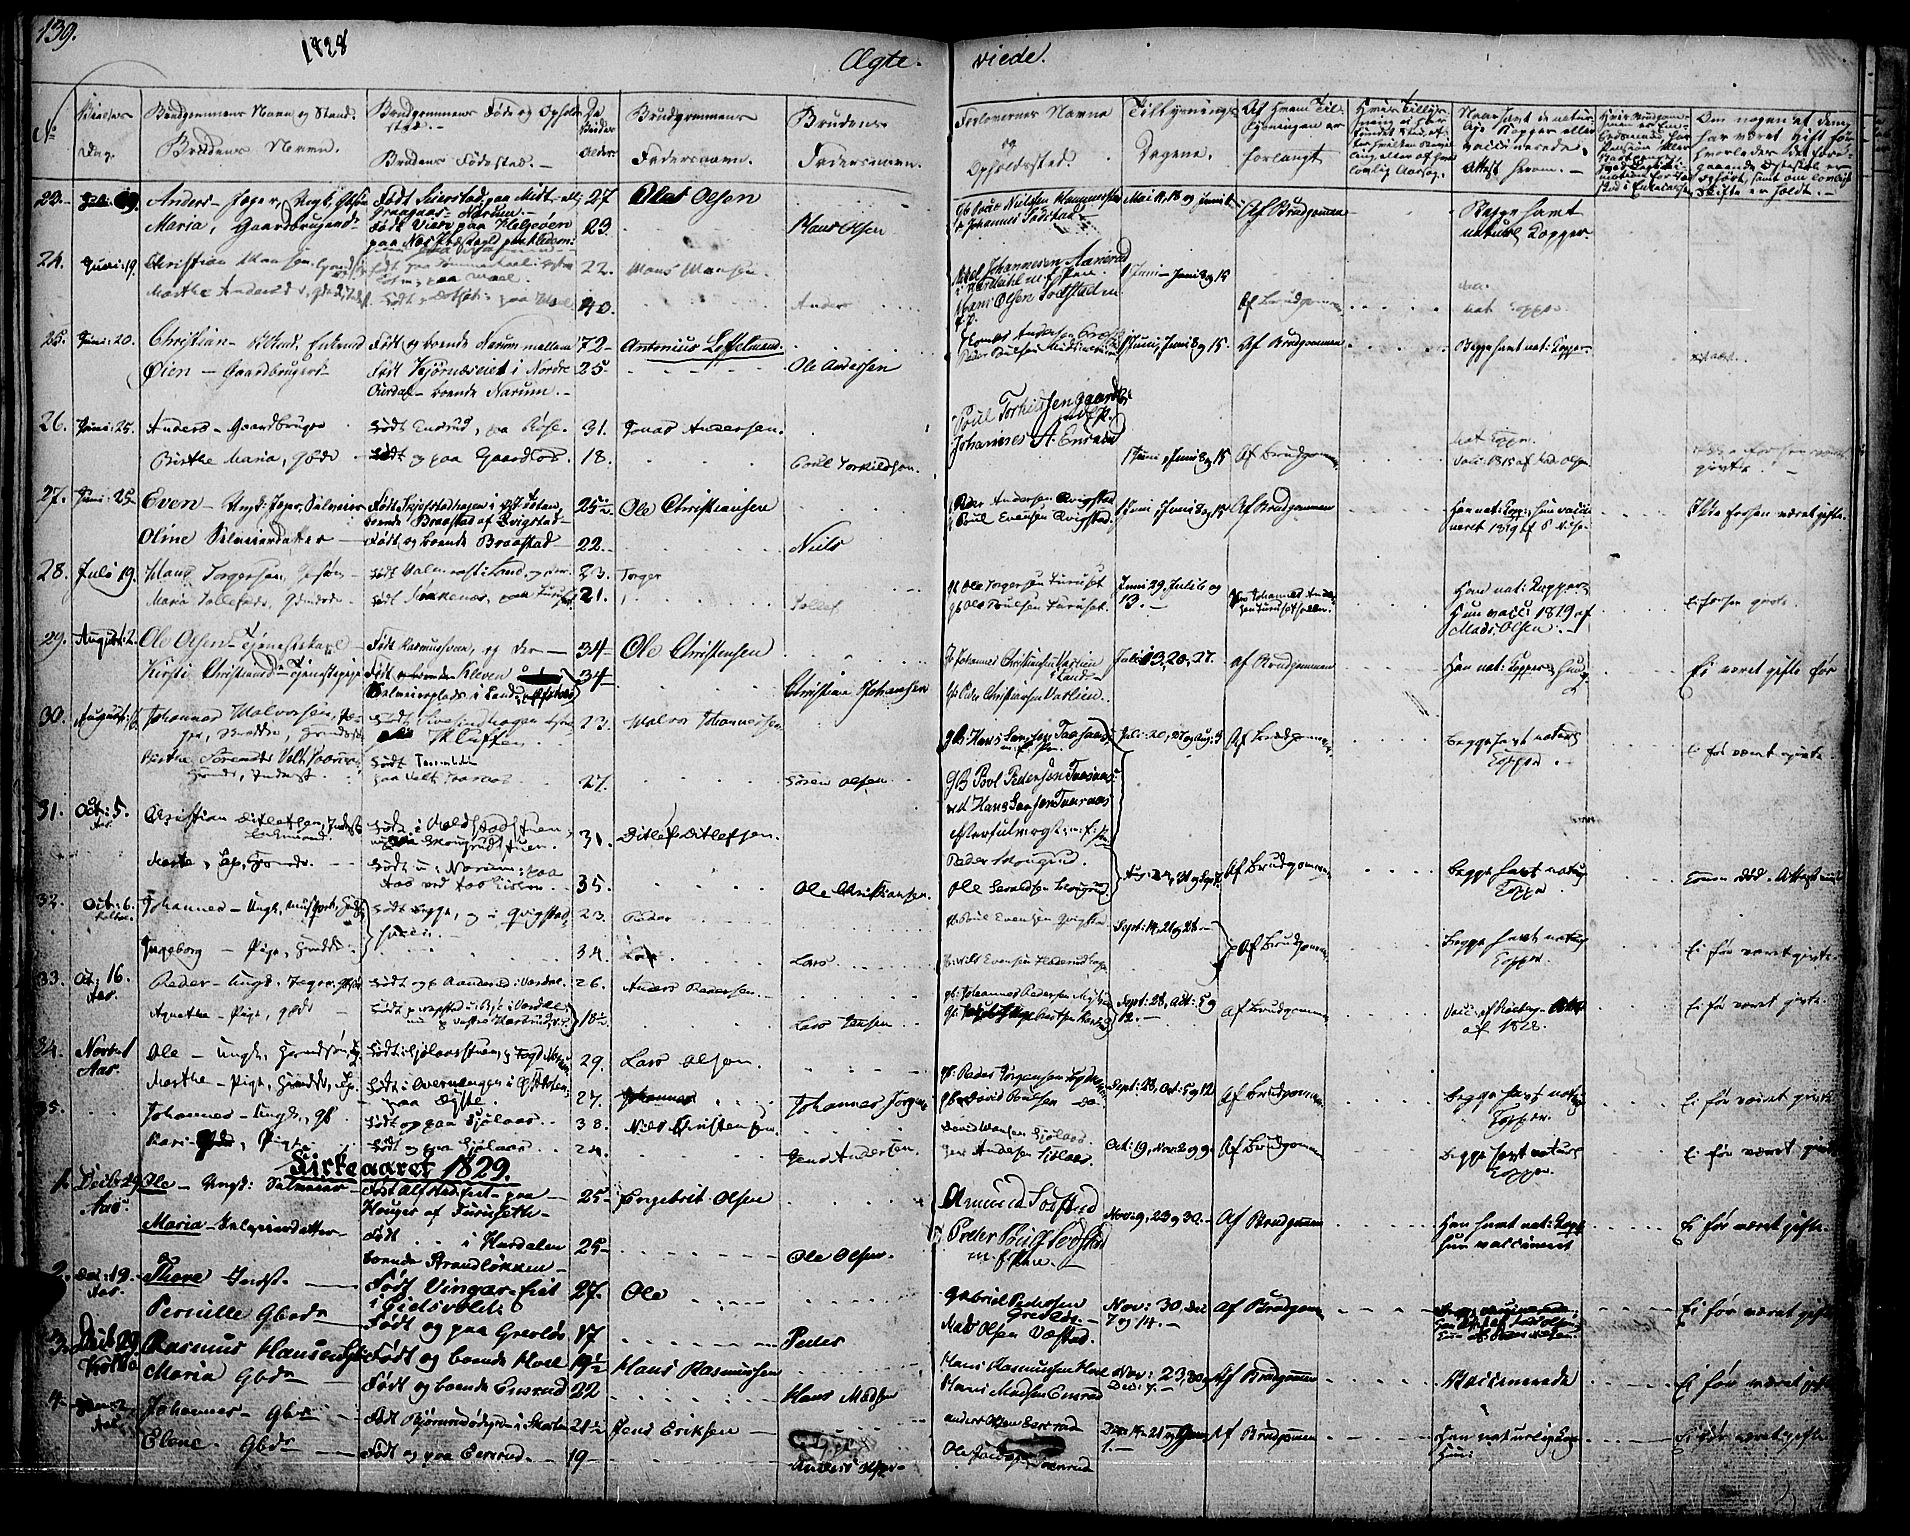 SAH, Vestre Toten prestekontor, Ministerialbok nr. 2, 1825-1837, s. 139